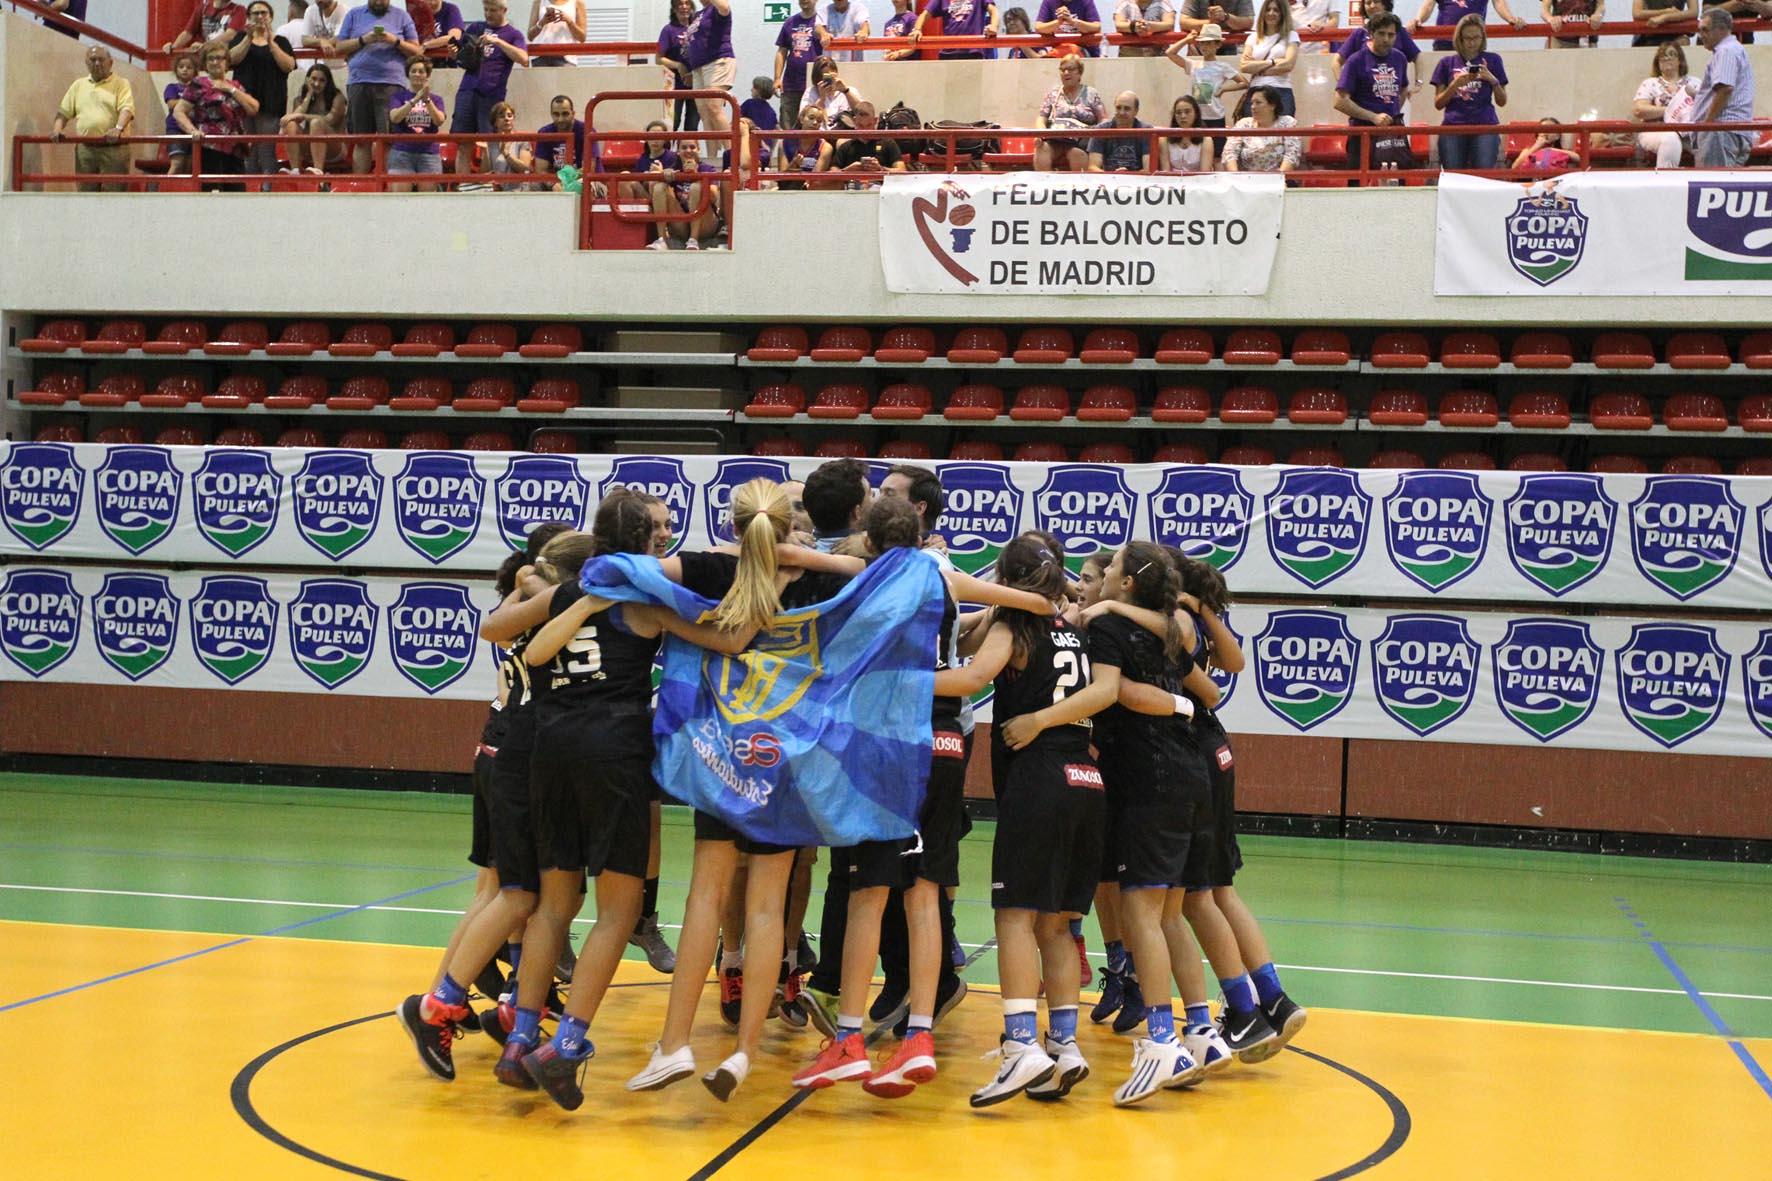 El Alevín Mariana disputar este domingo la copa Puleva, el campeonato de España oficioso de minibasket